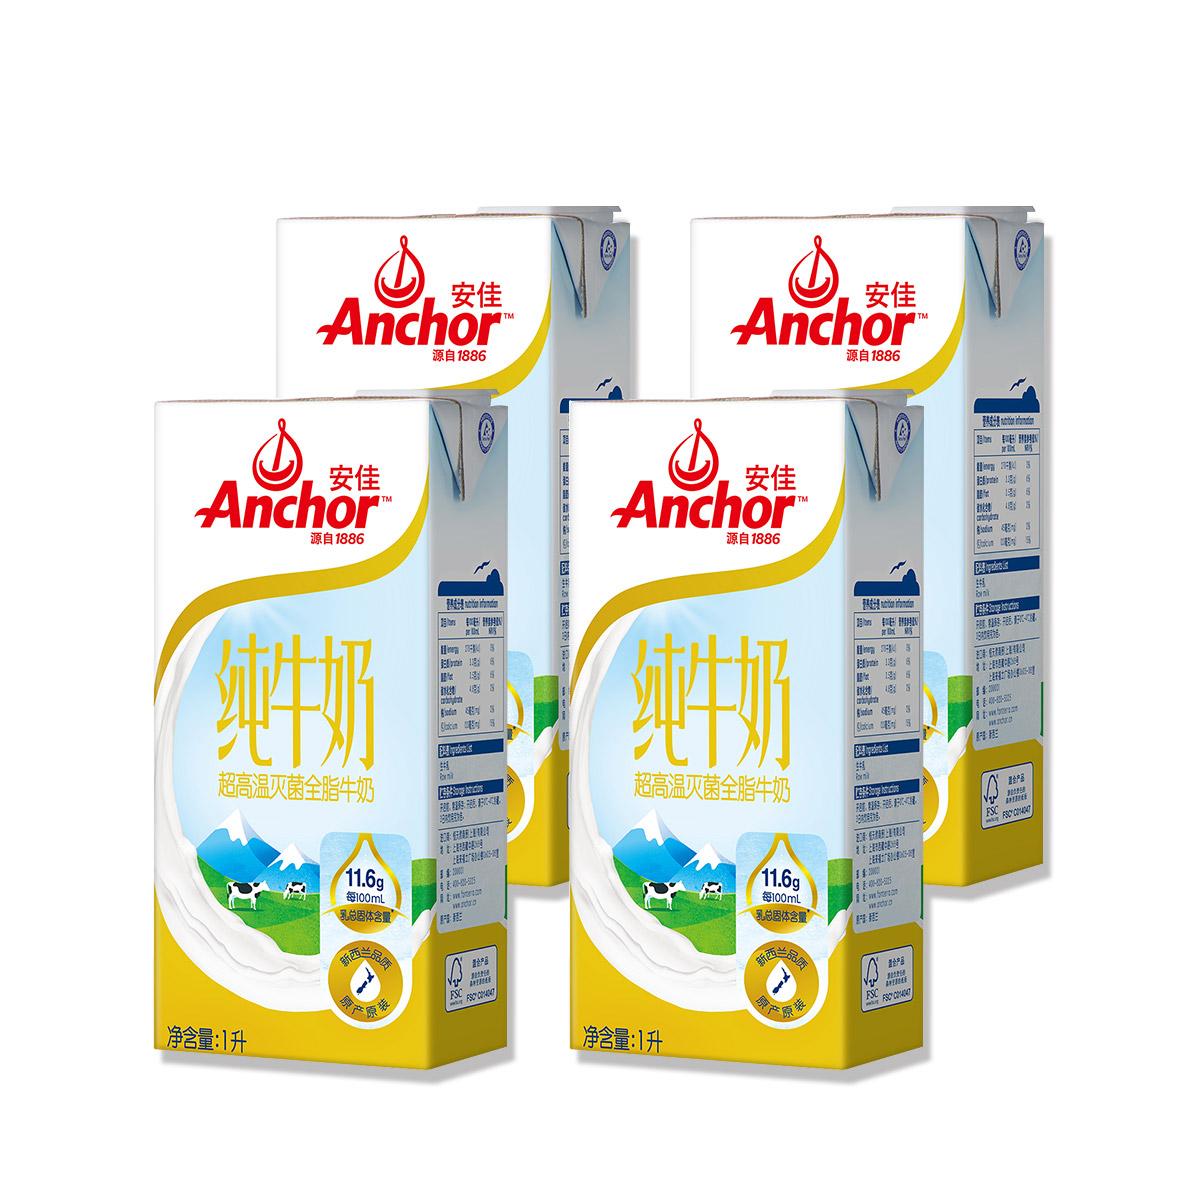 ~天貓超市~新西蘭 牛奶Anchor安佳高溫滅菌全脂純牛奶1L^~4盒